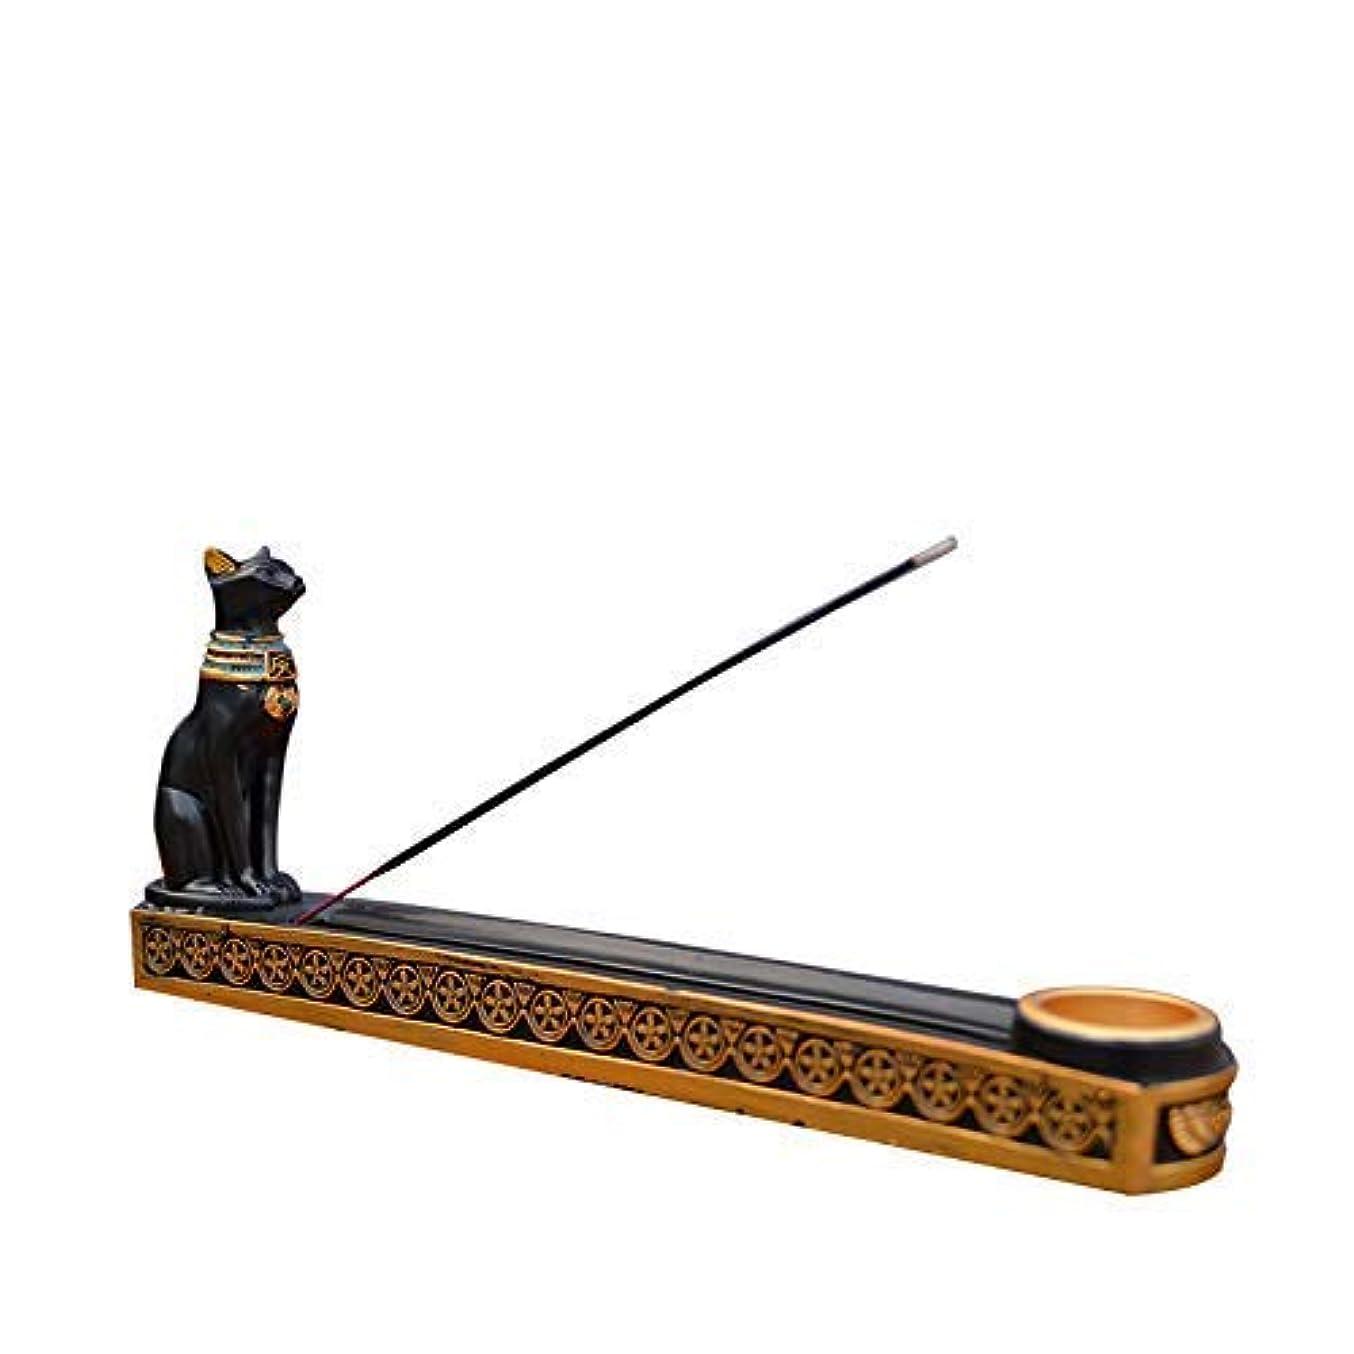 トリプルサラミビジターtonntyann 横置き お香立て ボックス 猫 寝かせ スティックおしゃれ 線香立て お香 古代エジプト風 バステト神 アロマ お香 横置き ヒエログリフ ネ